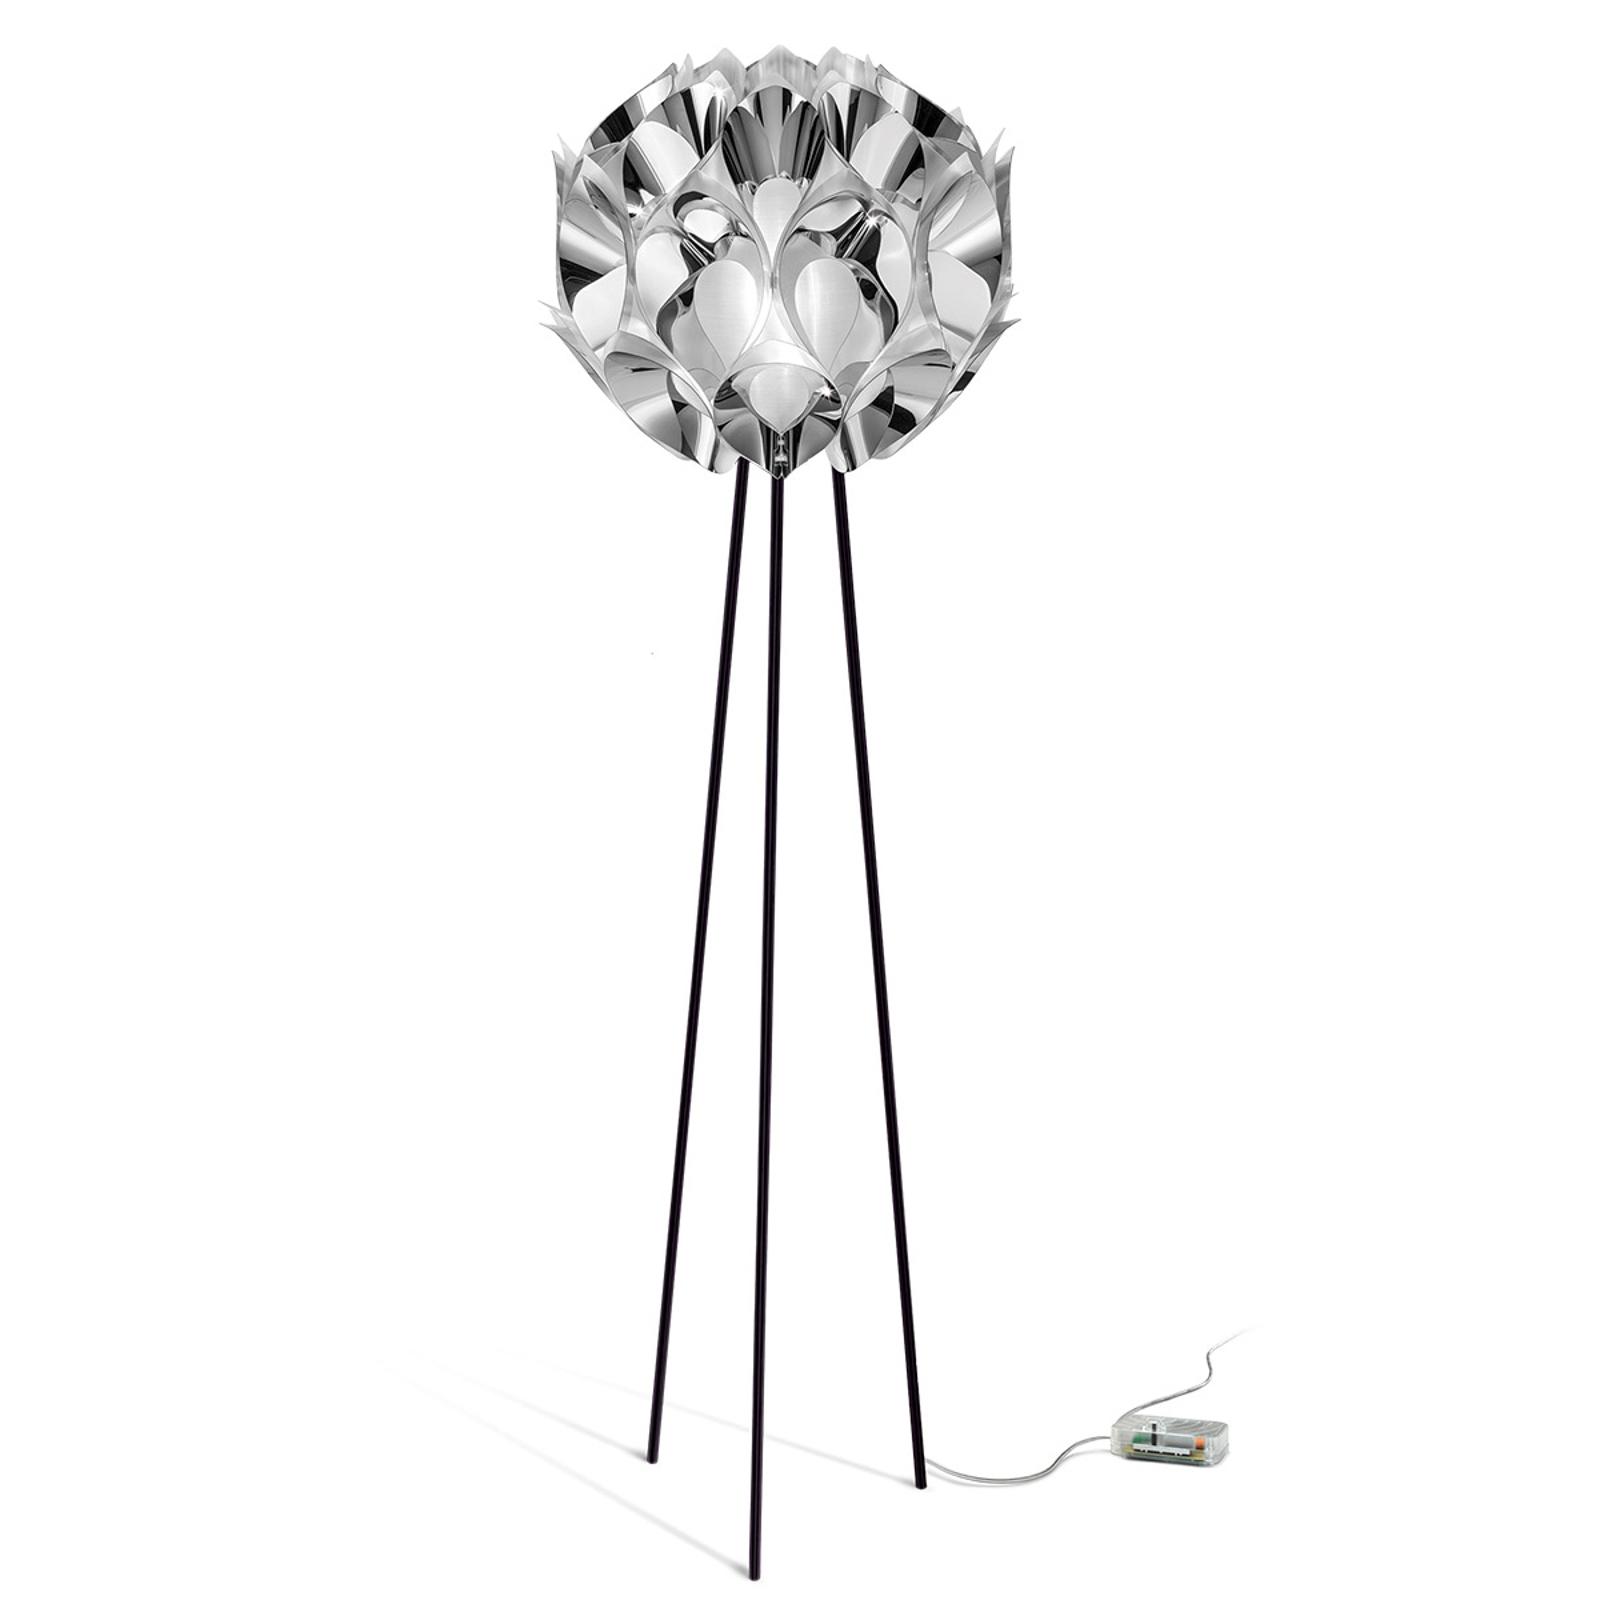 Lampadaire de designer Flora, argenté